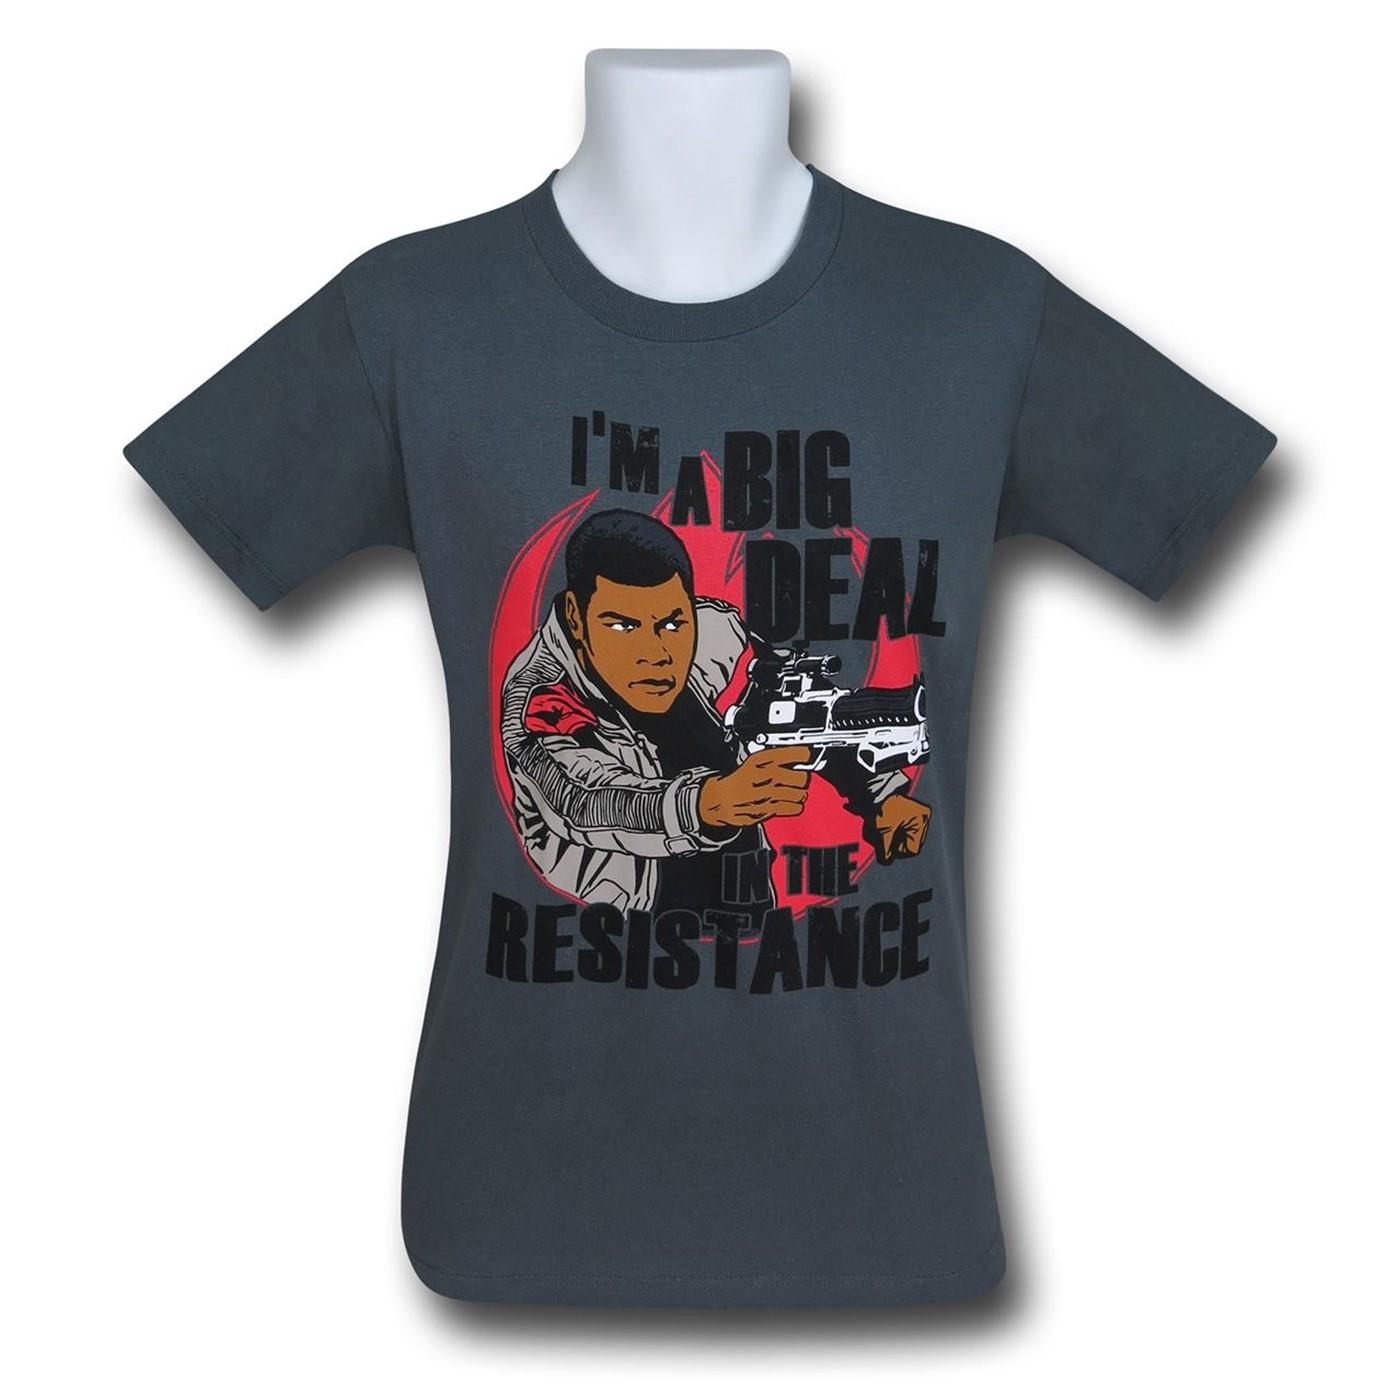 Star Wars Force Awakens Finn Resistance T-Shirt